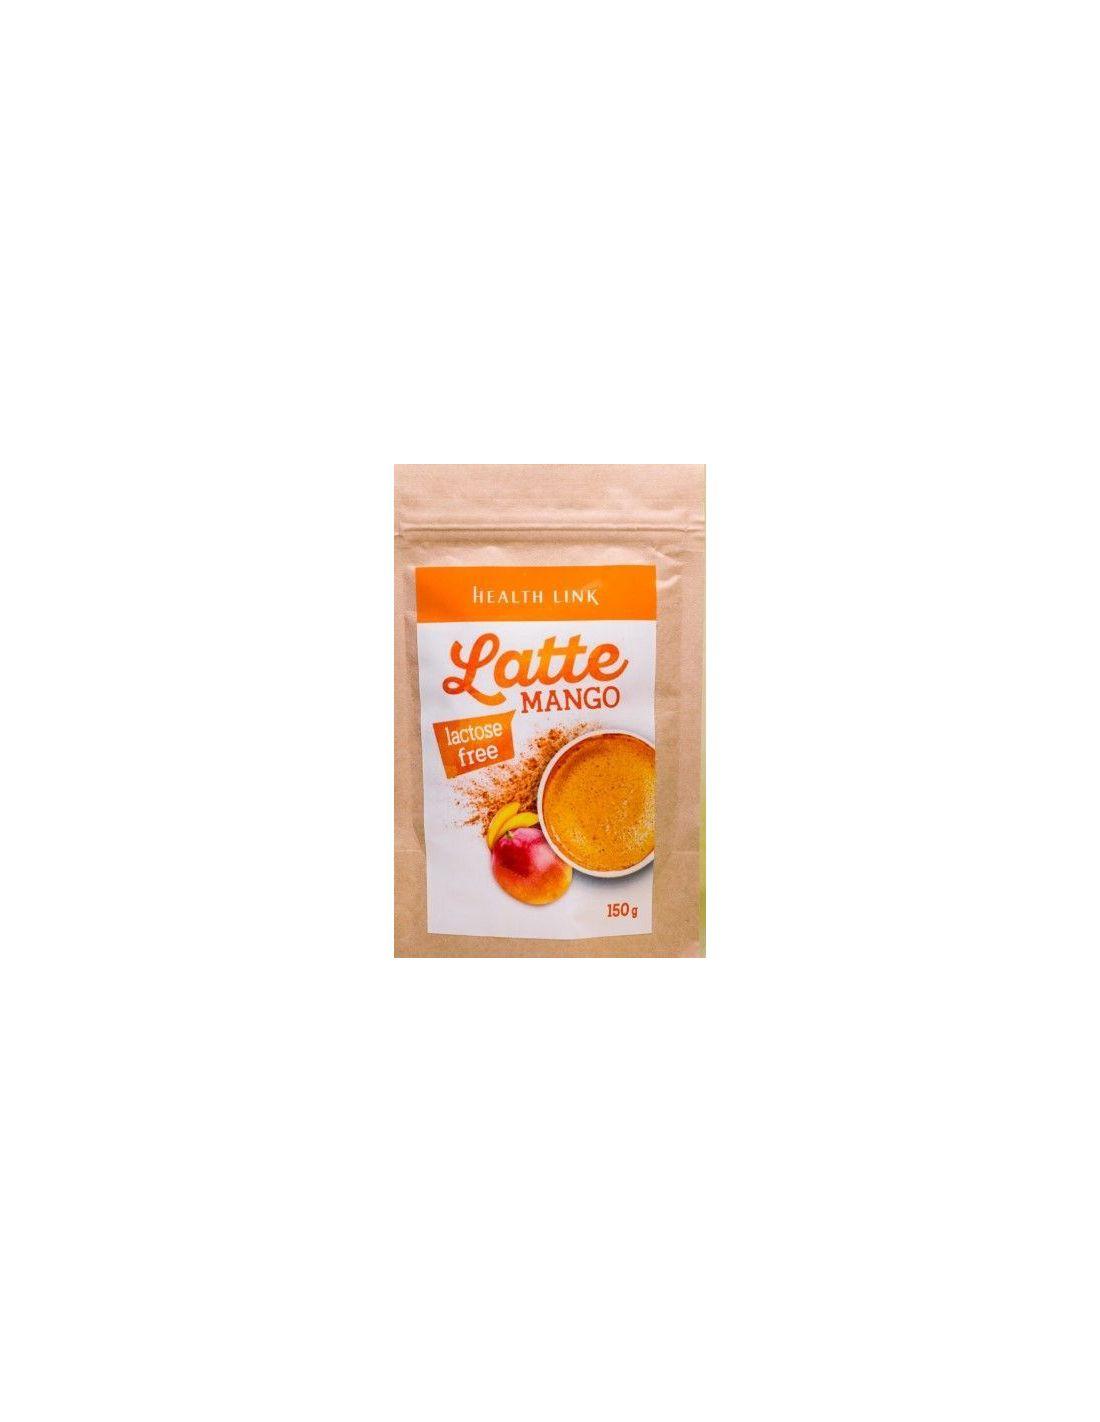 Mahe Matcha Latte 150g